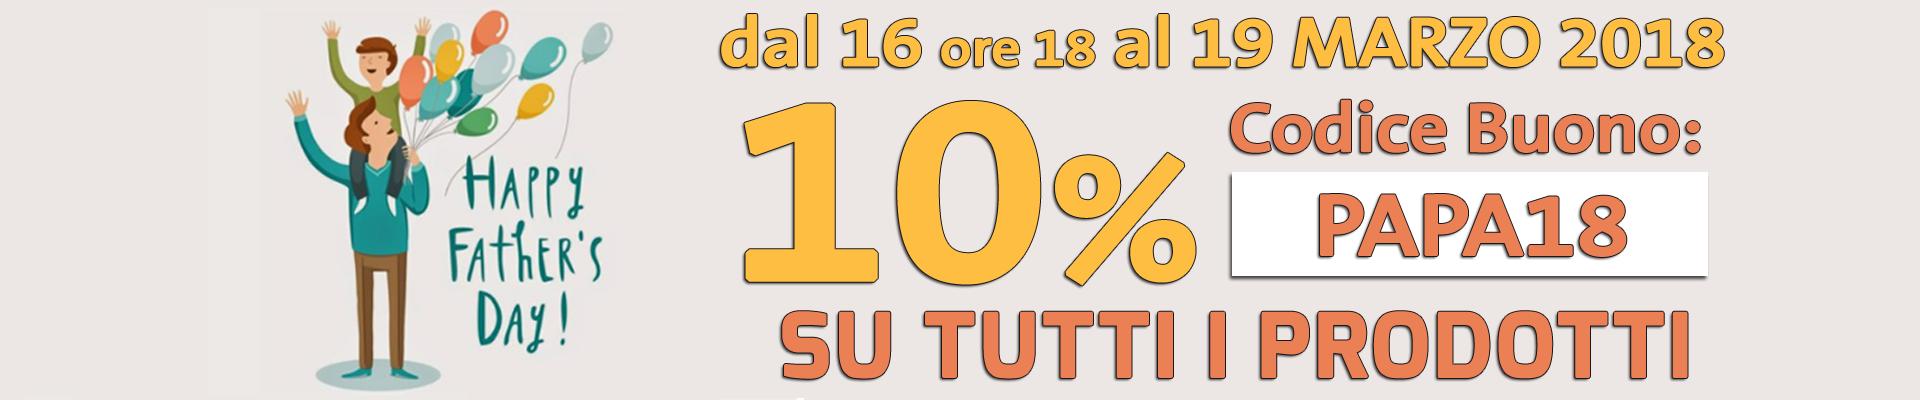 Buono sconto 10% per la festa del Papà